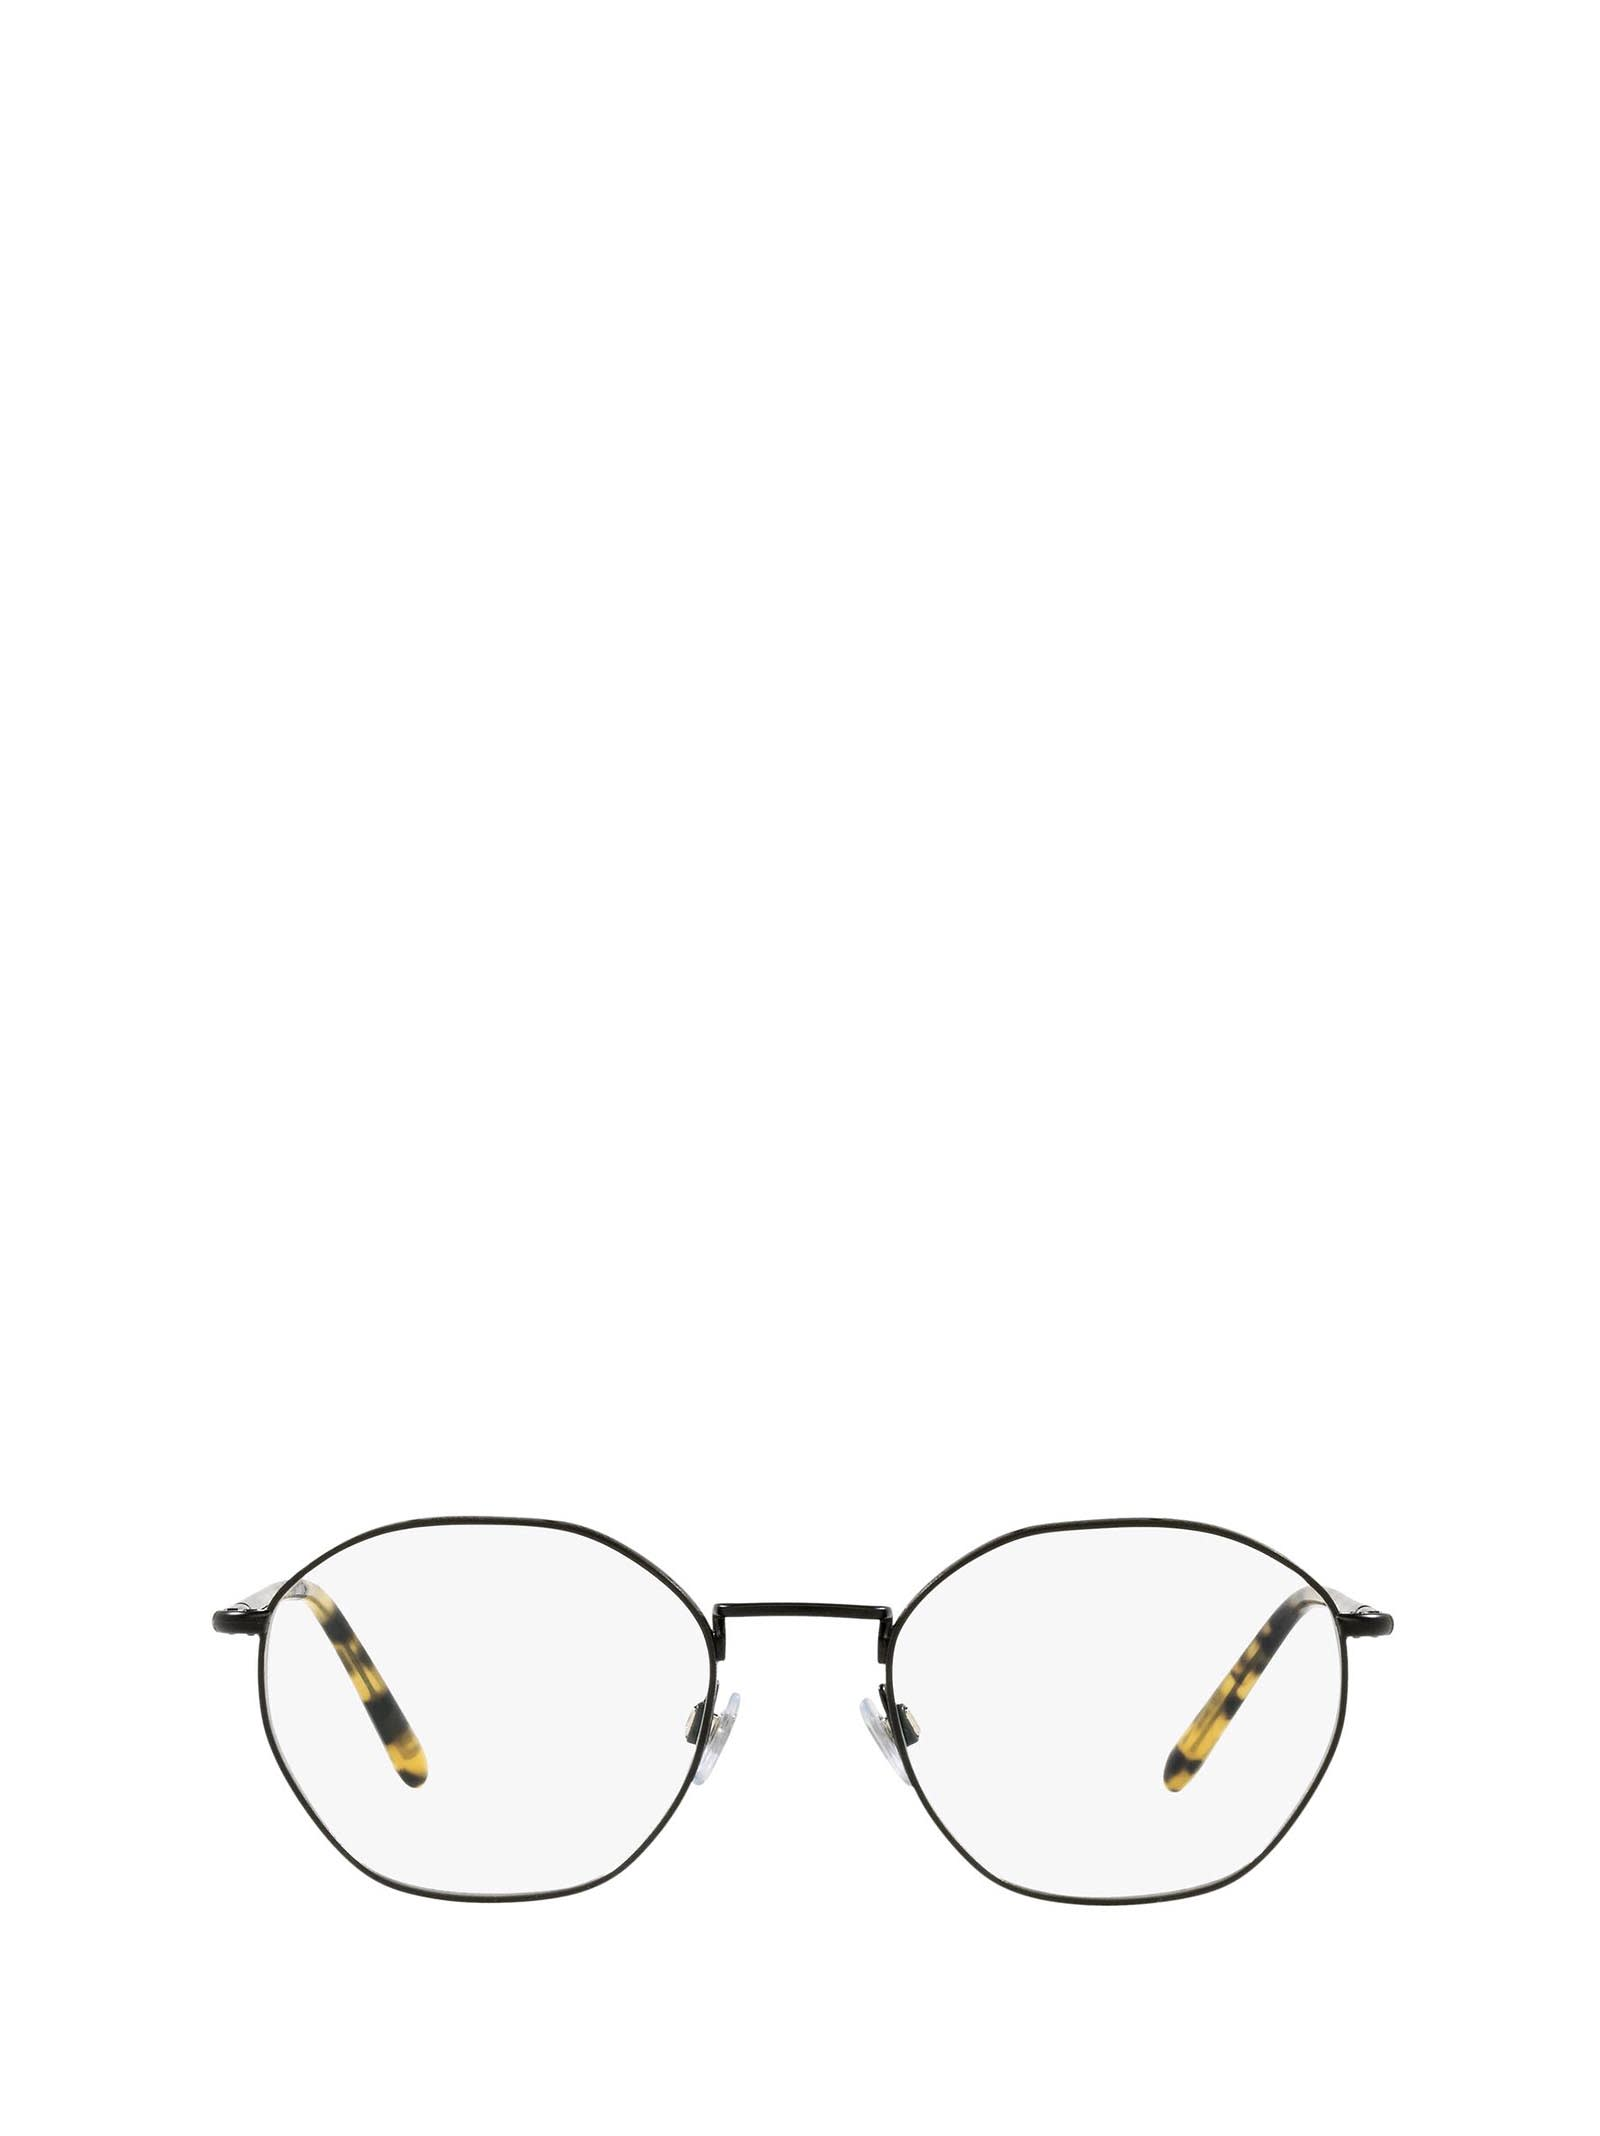 Giorgio Armani Giorgio Armani Ar5107 Matte Black Glasses